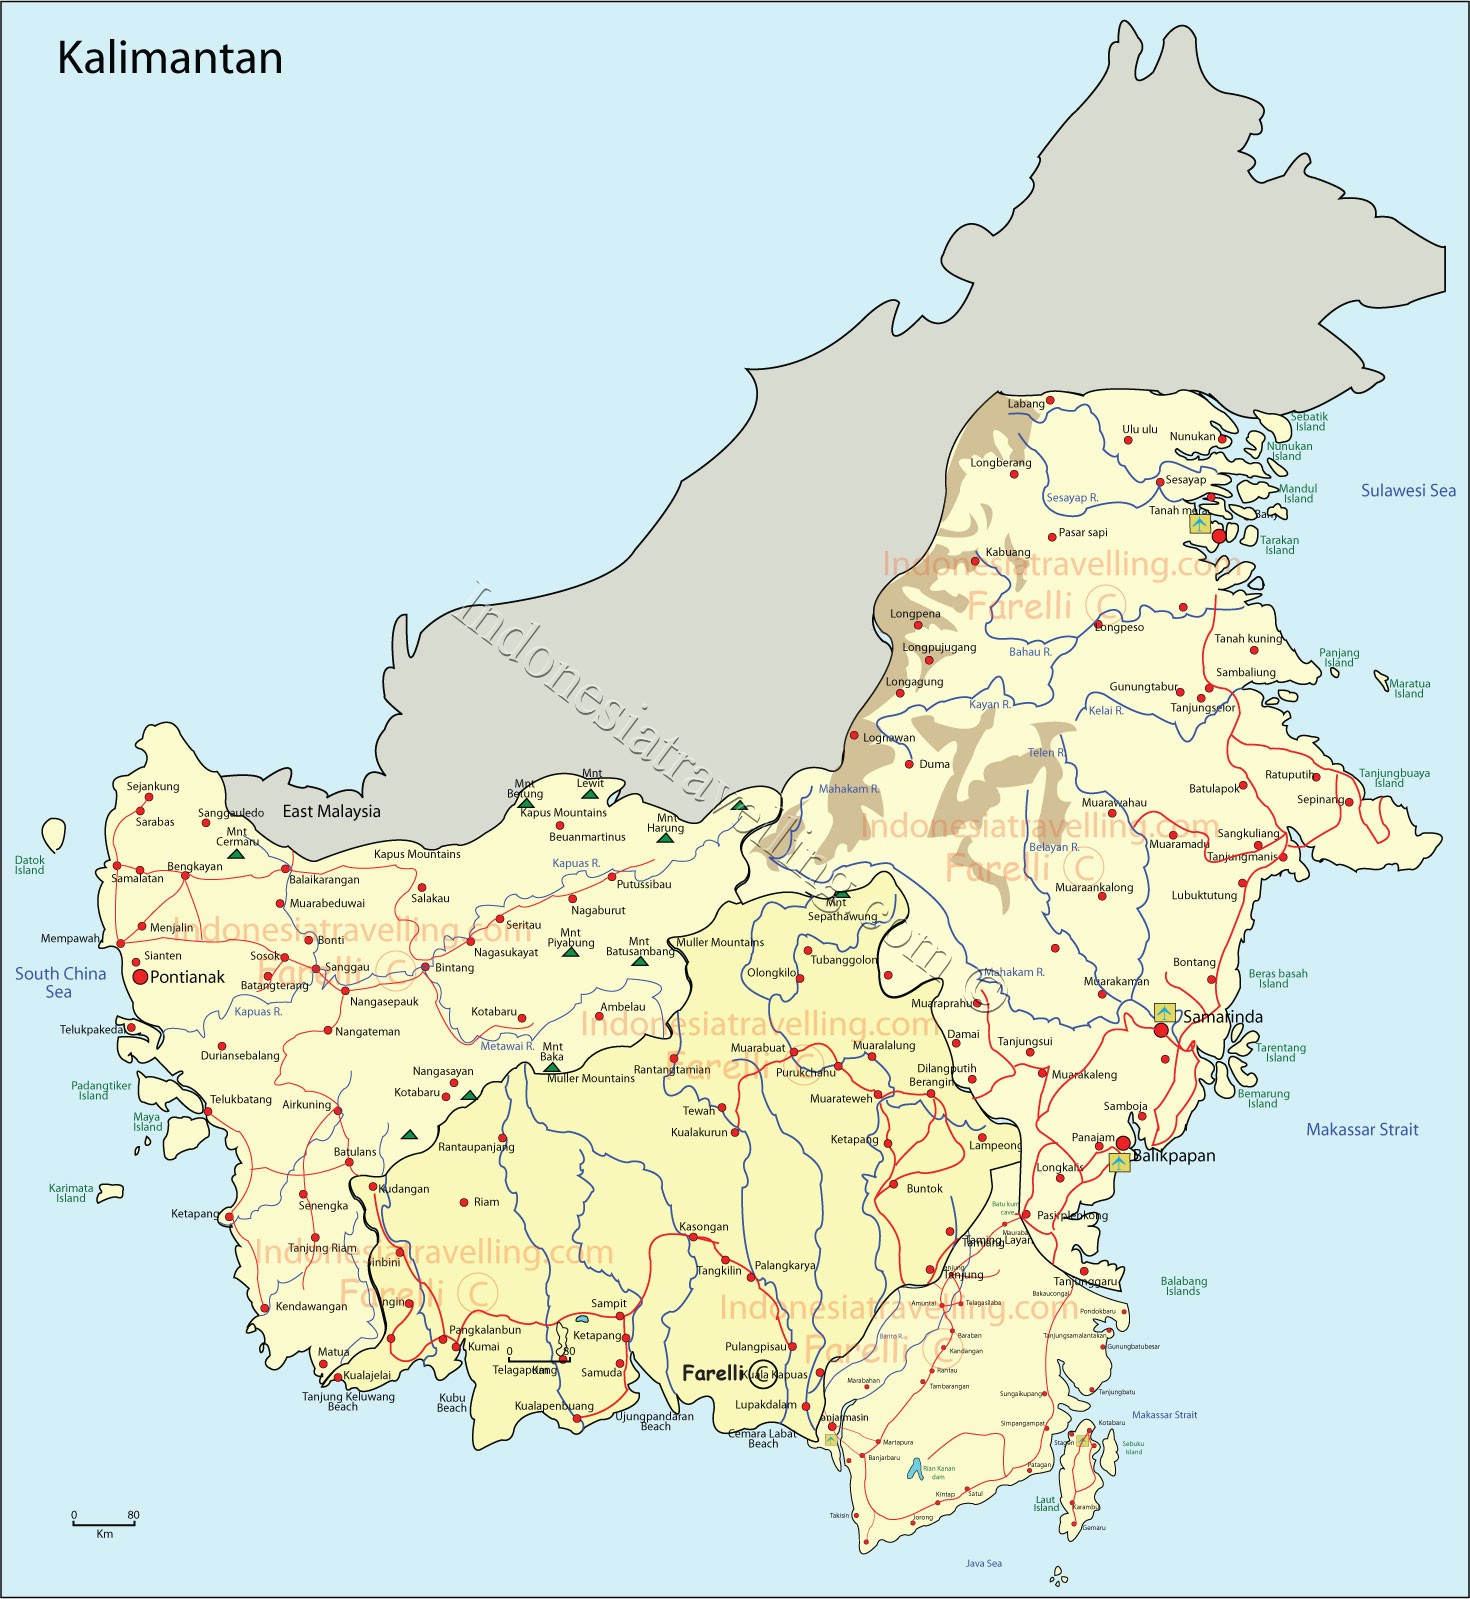 Kalimantan